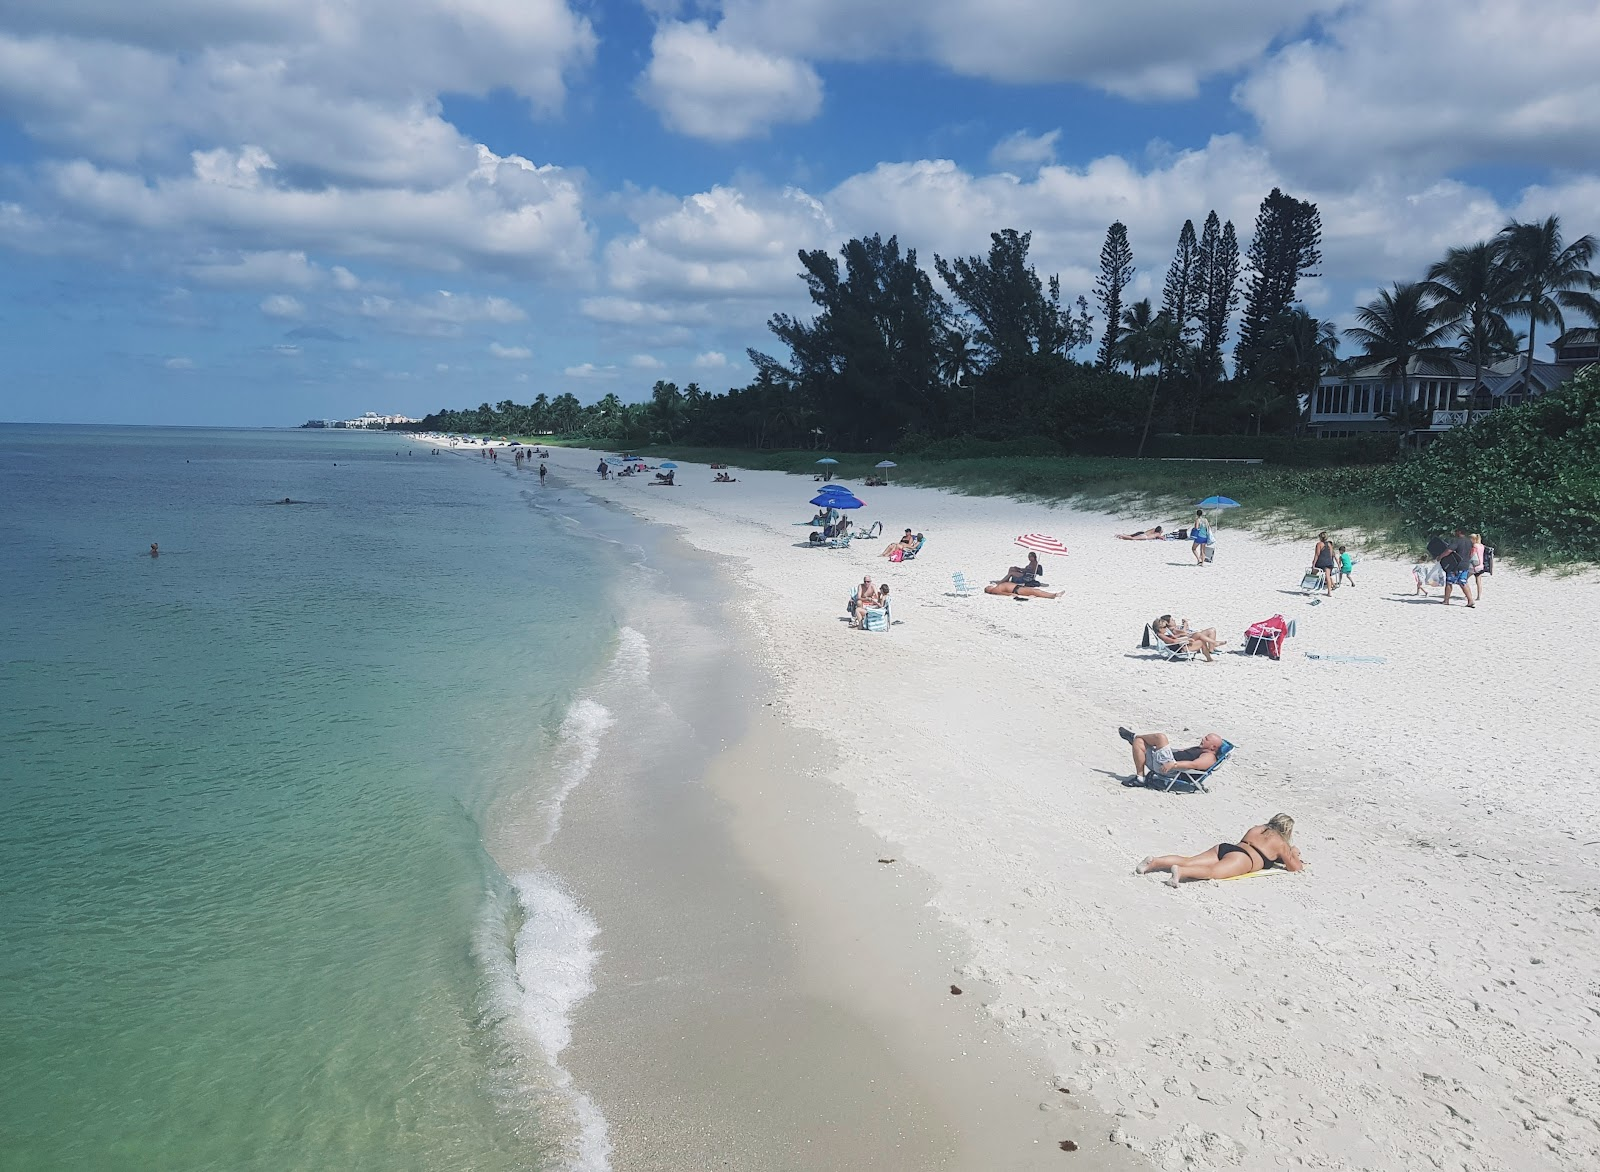 טיול בארצות הברית לאן ללכת נייפלס פלורידה טיול בפלורידה